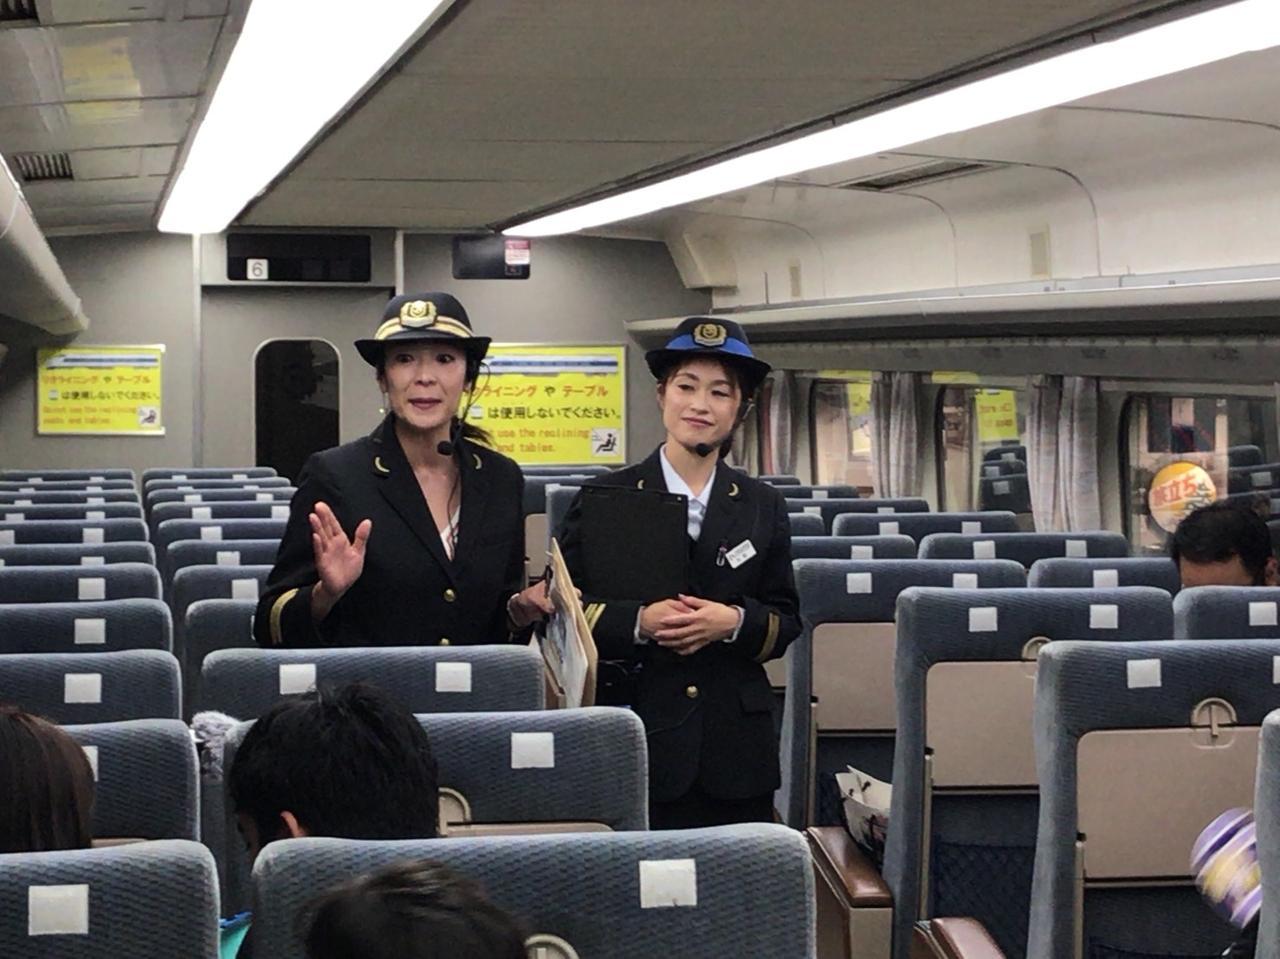 画像2: とことことん×hug+×京都鉄道博物館、京都てっぱくガイド付きツアー